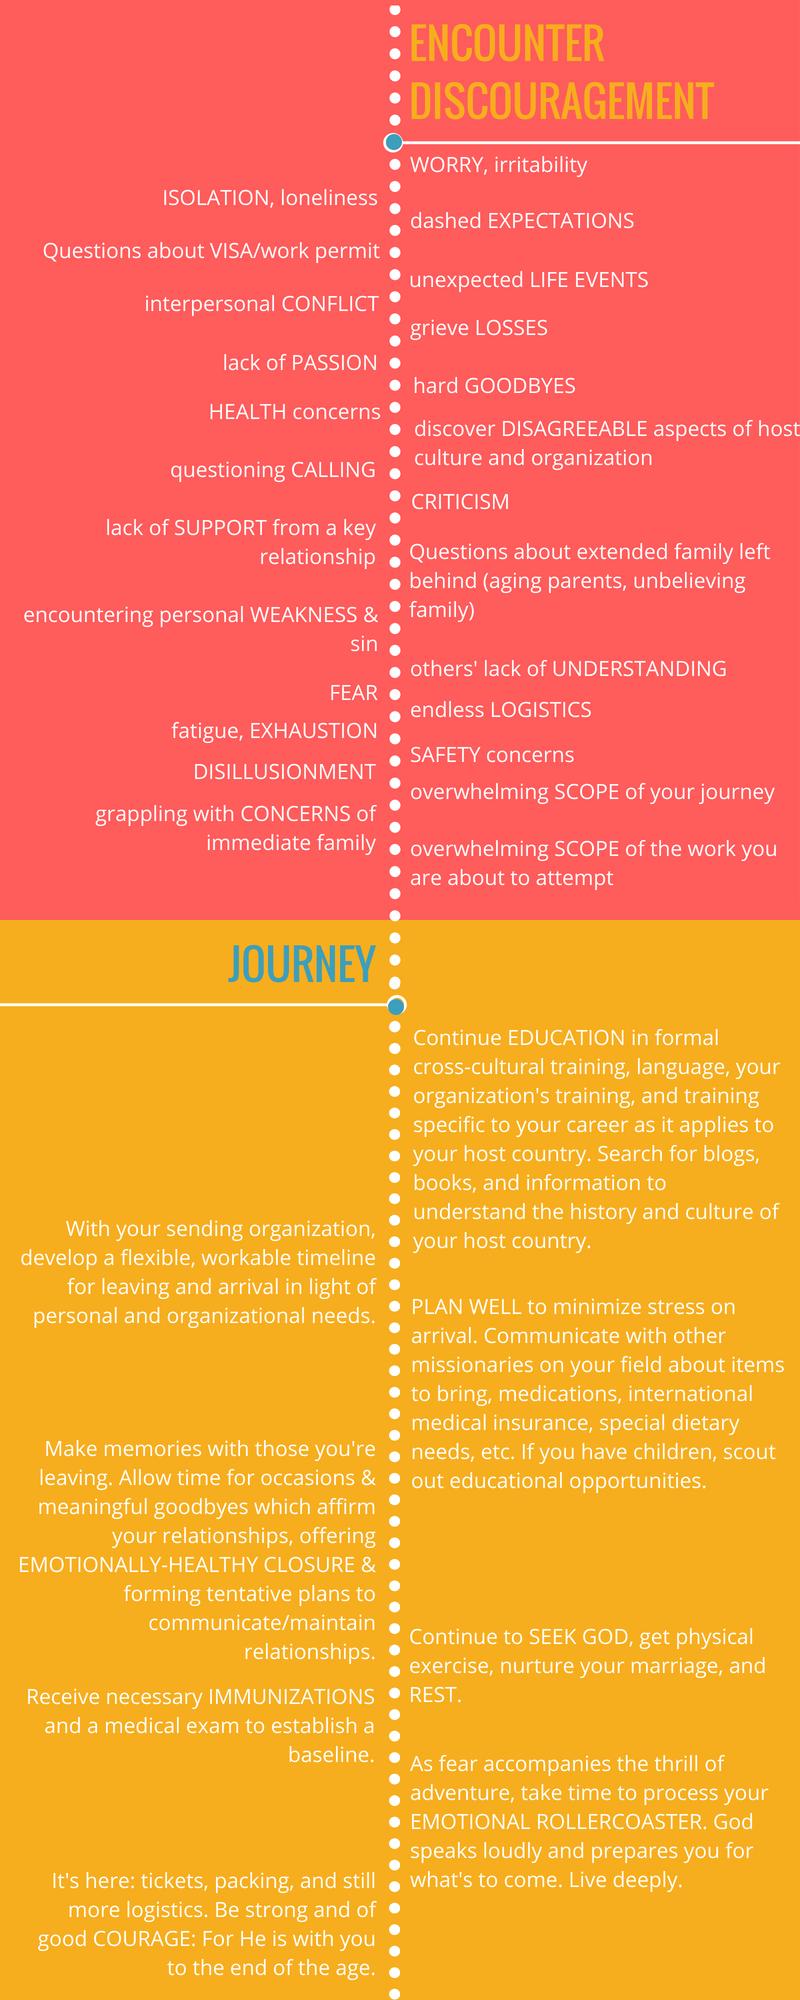 journey timeline 2